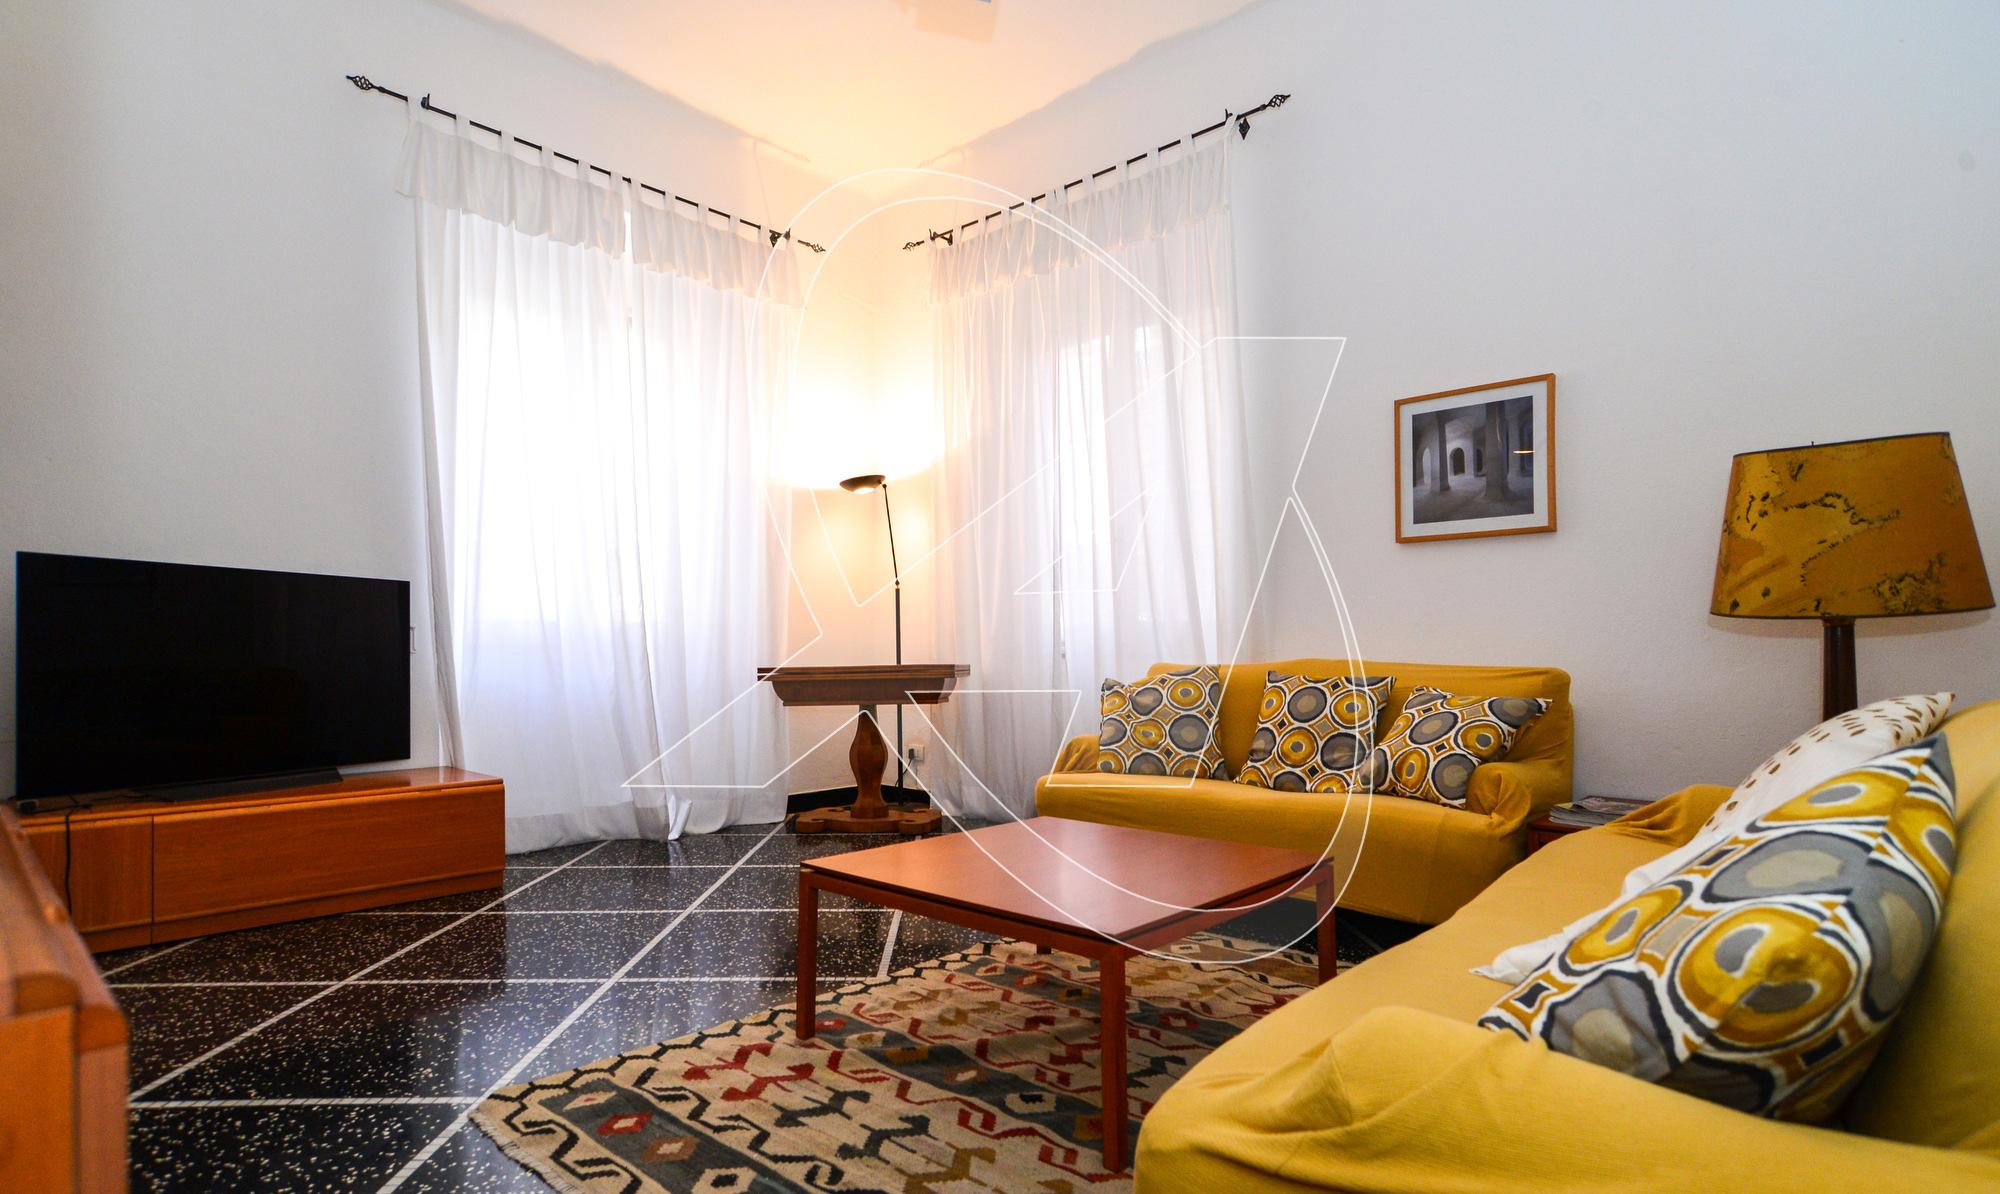 Santa Margherita Ligure zona Corte - Affitto appartamento con tre camere, balcone, ascensore e possibilità di garage